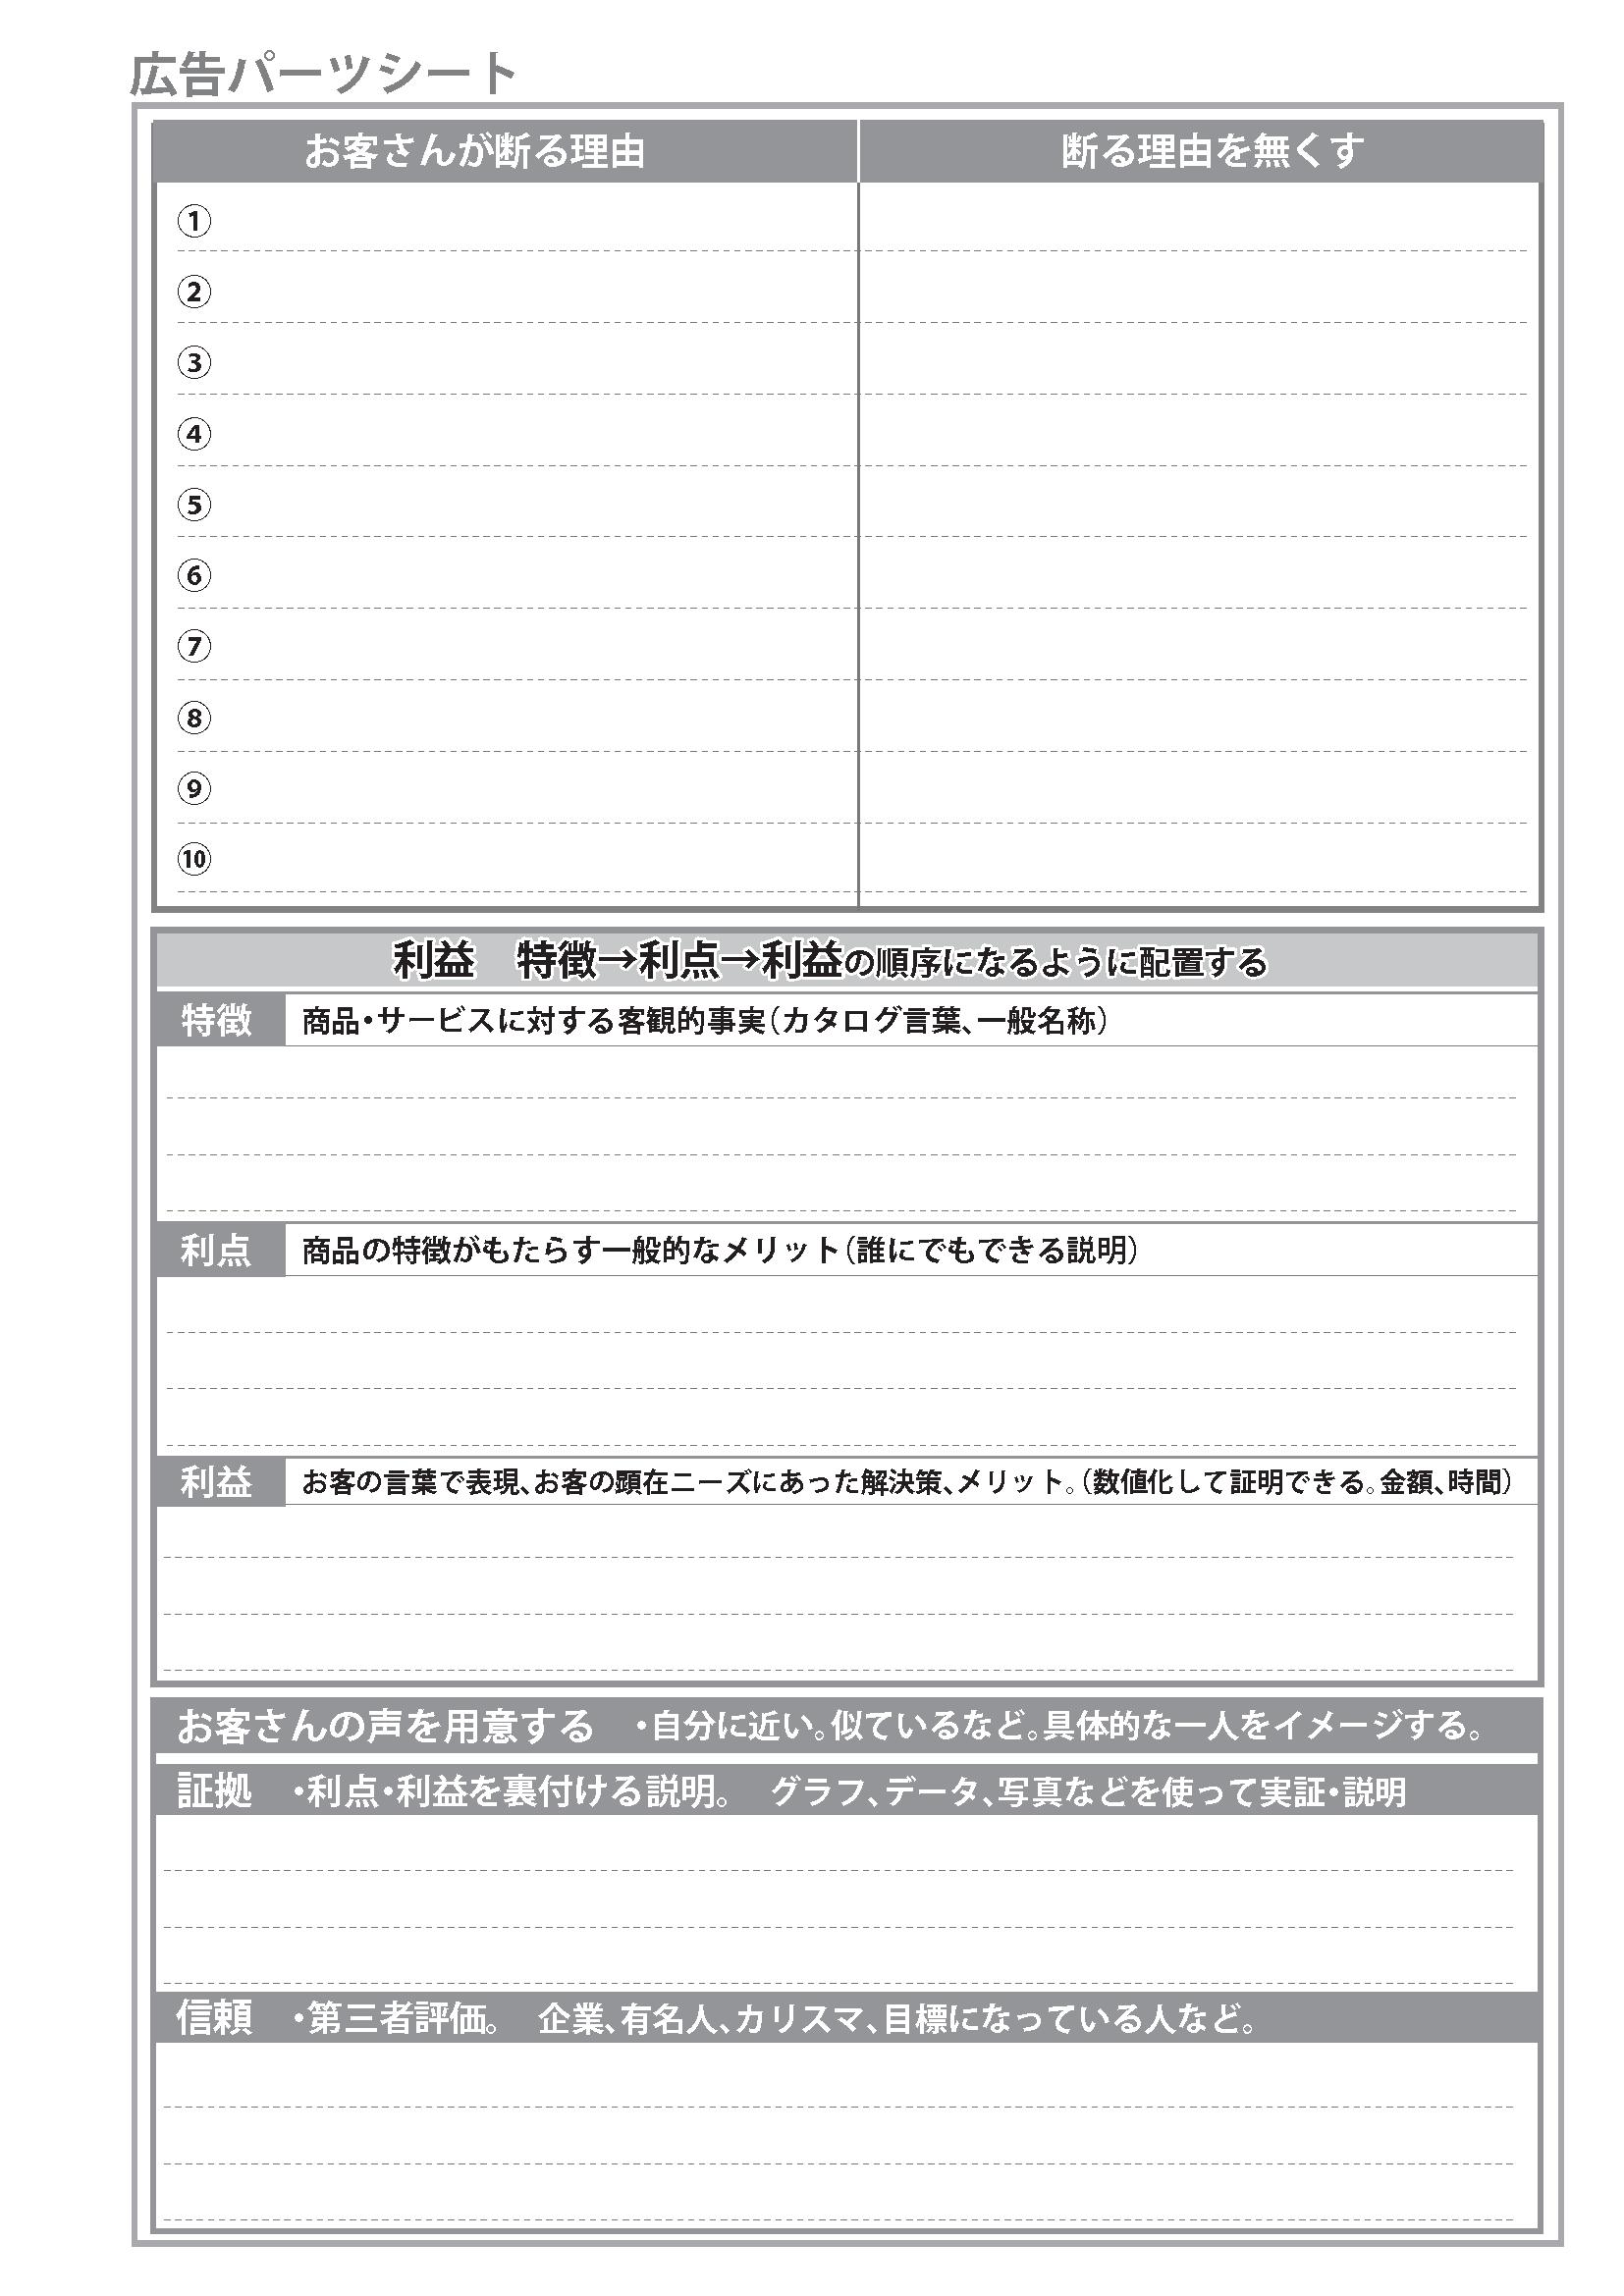 チラシ作成シート (1)_ページ_4